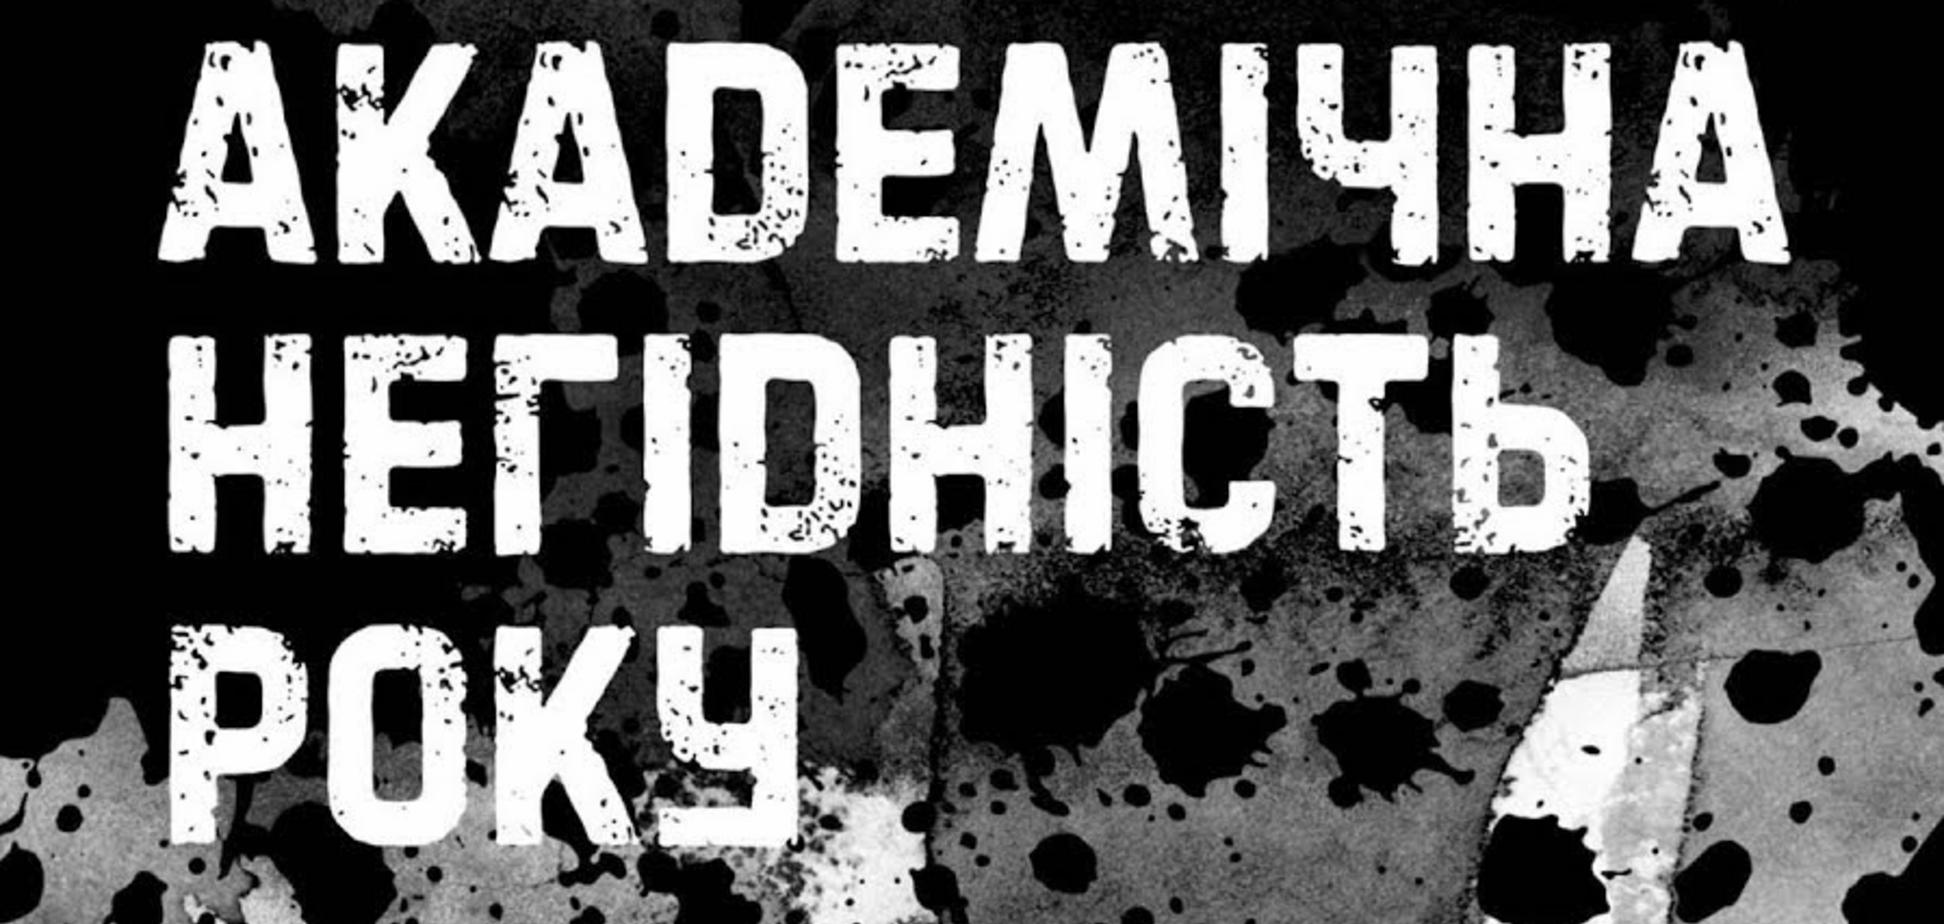 'Академічна негідність-2019': чим відзначилися українські дослідники